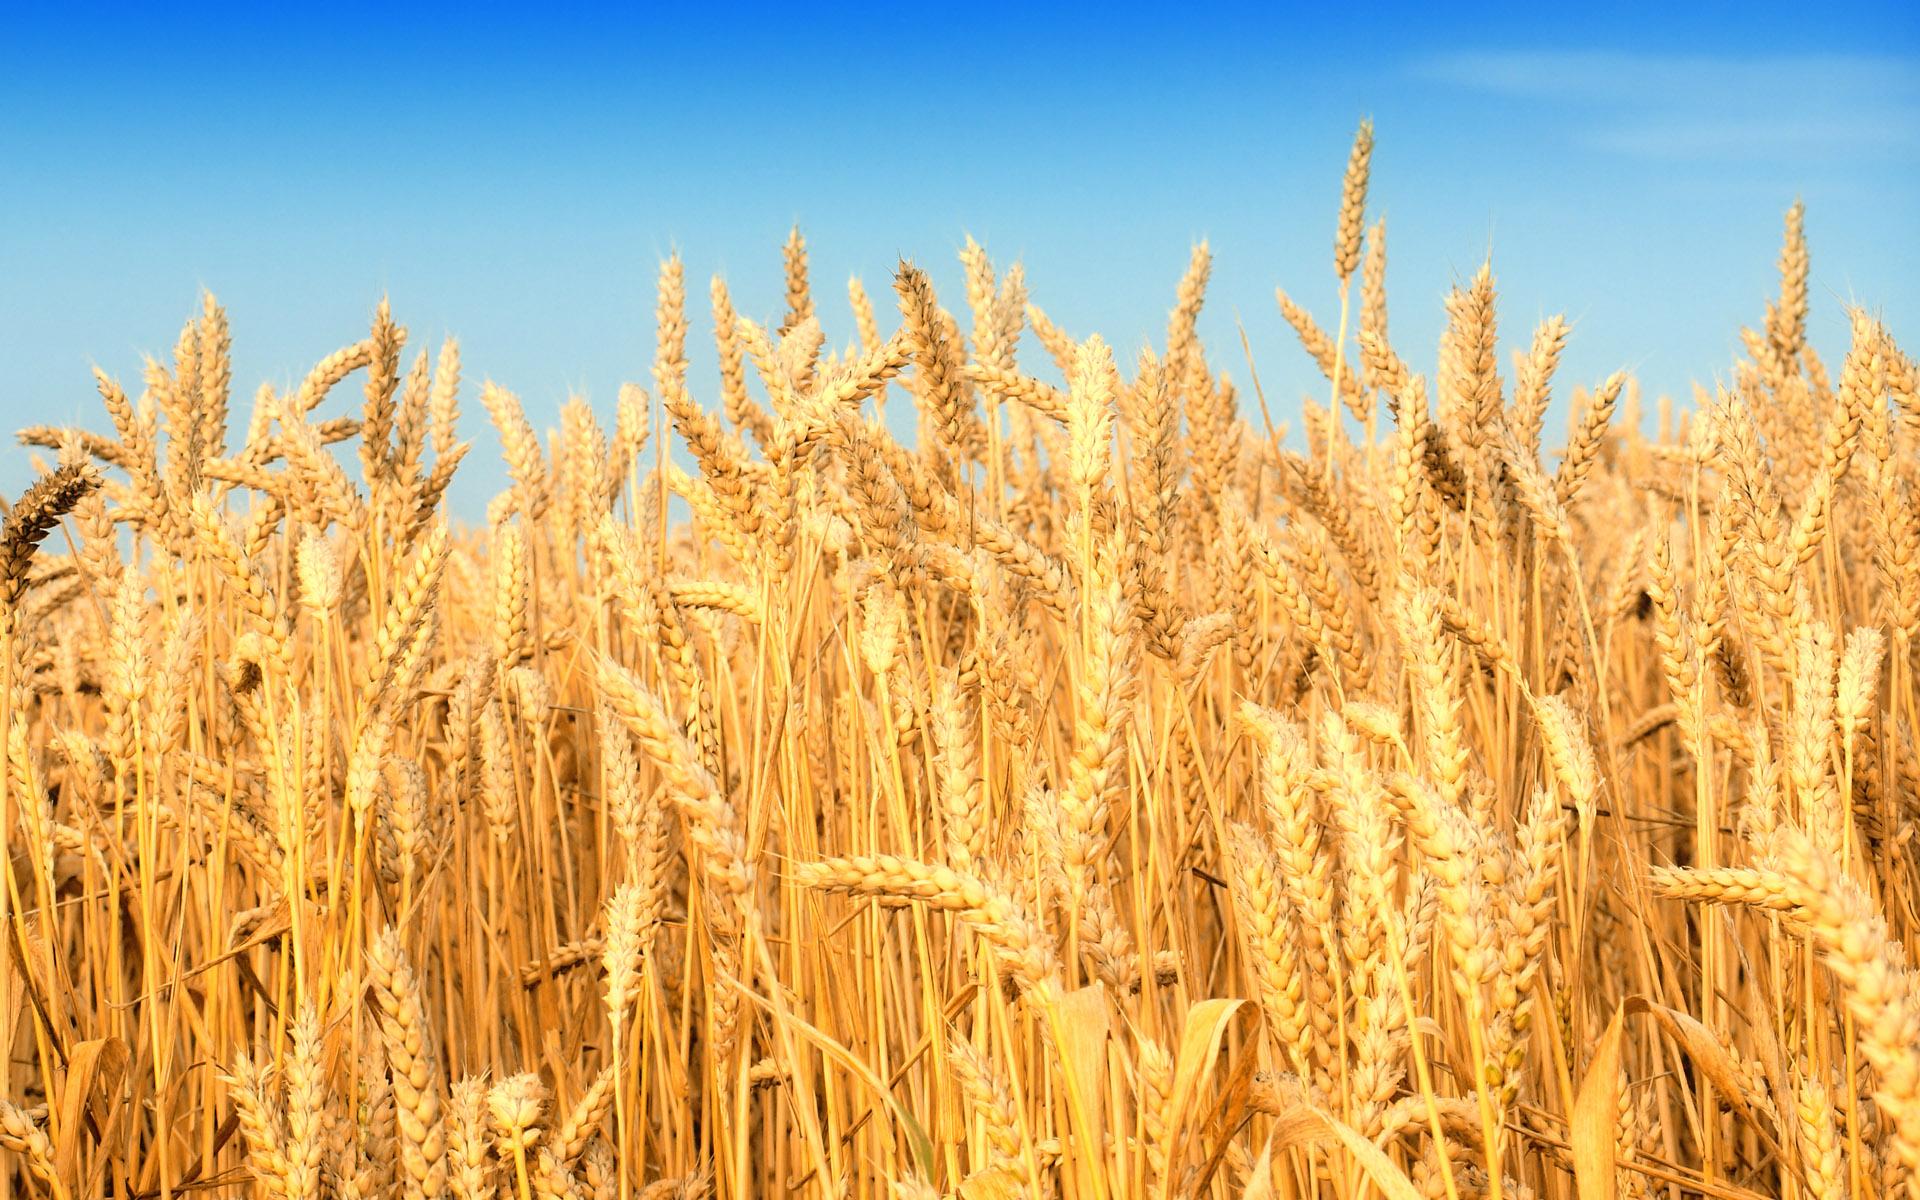 وزارة الفلاحة: إنتاج الحبوب انخفض بـ70% خلال هذه السنة